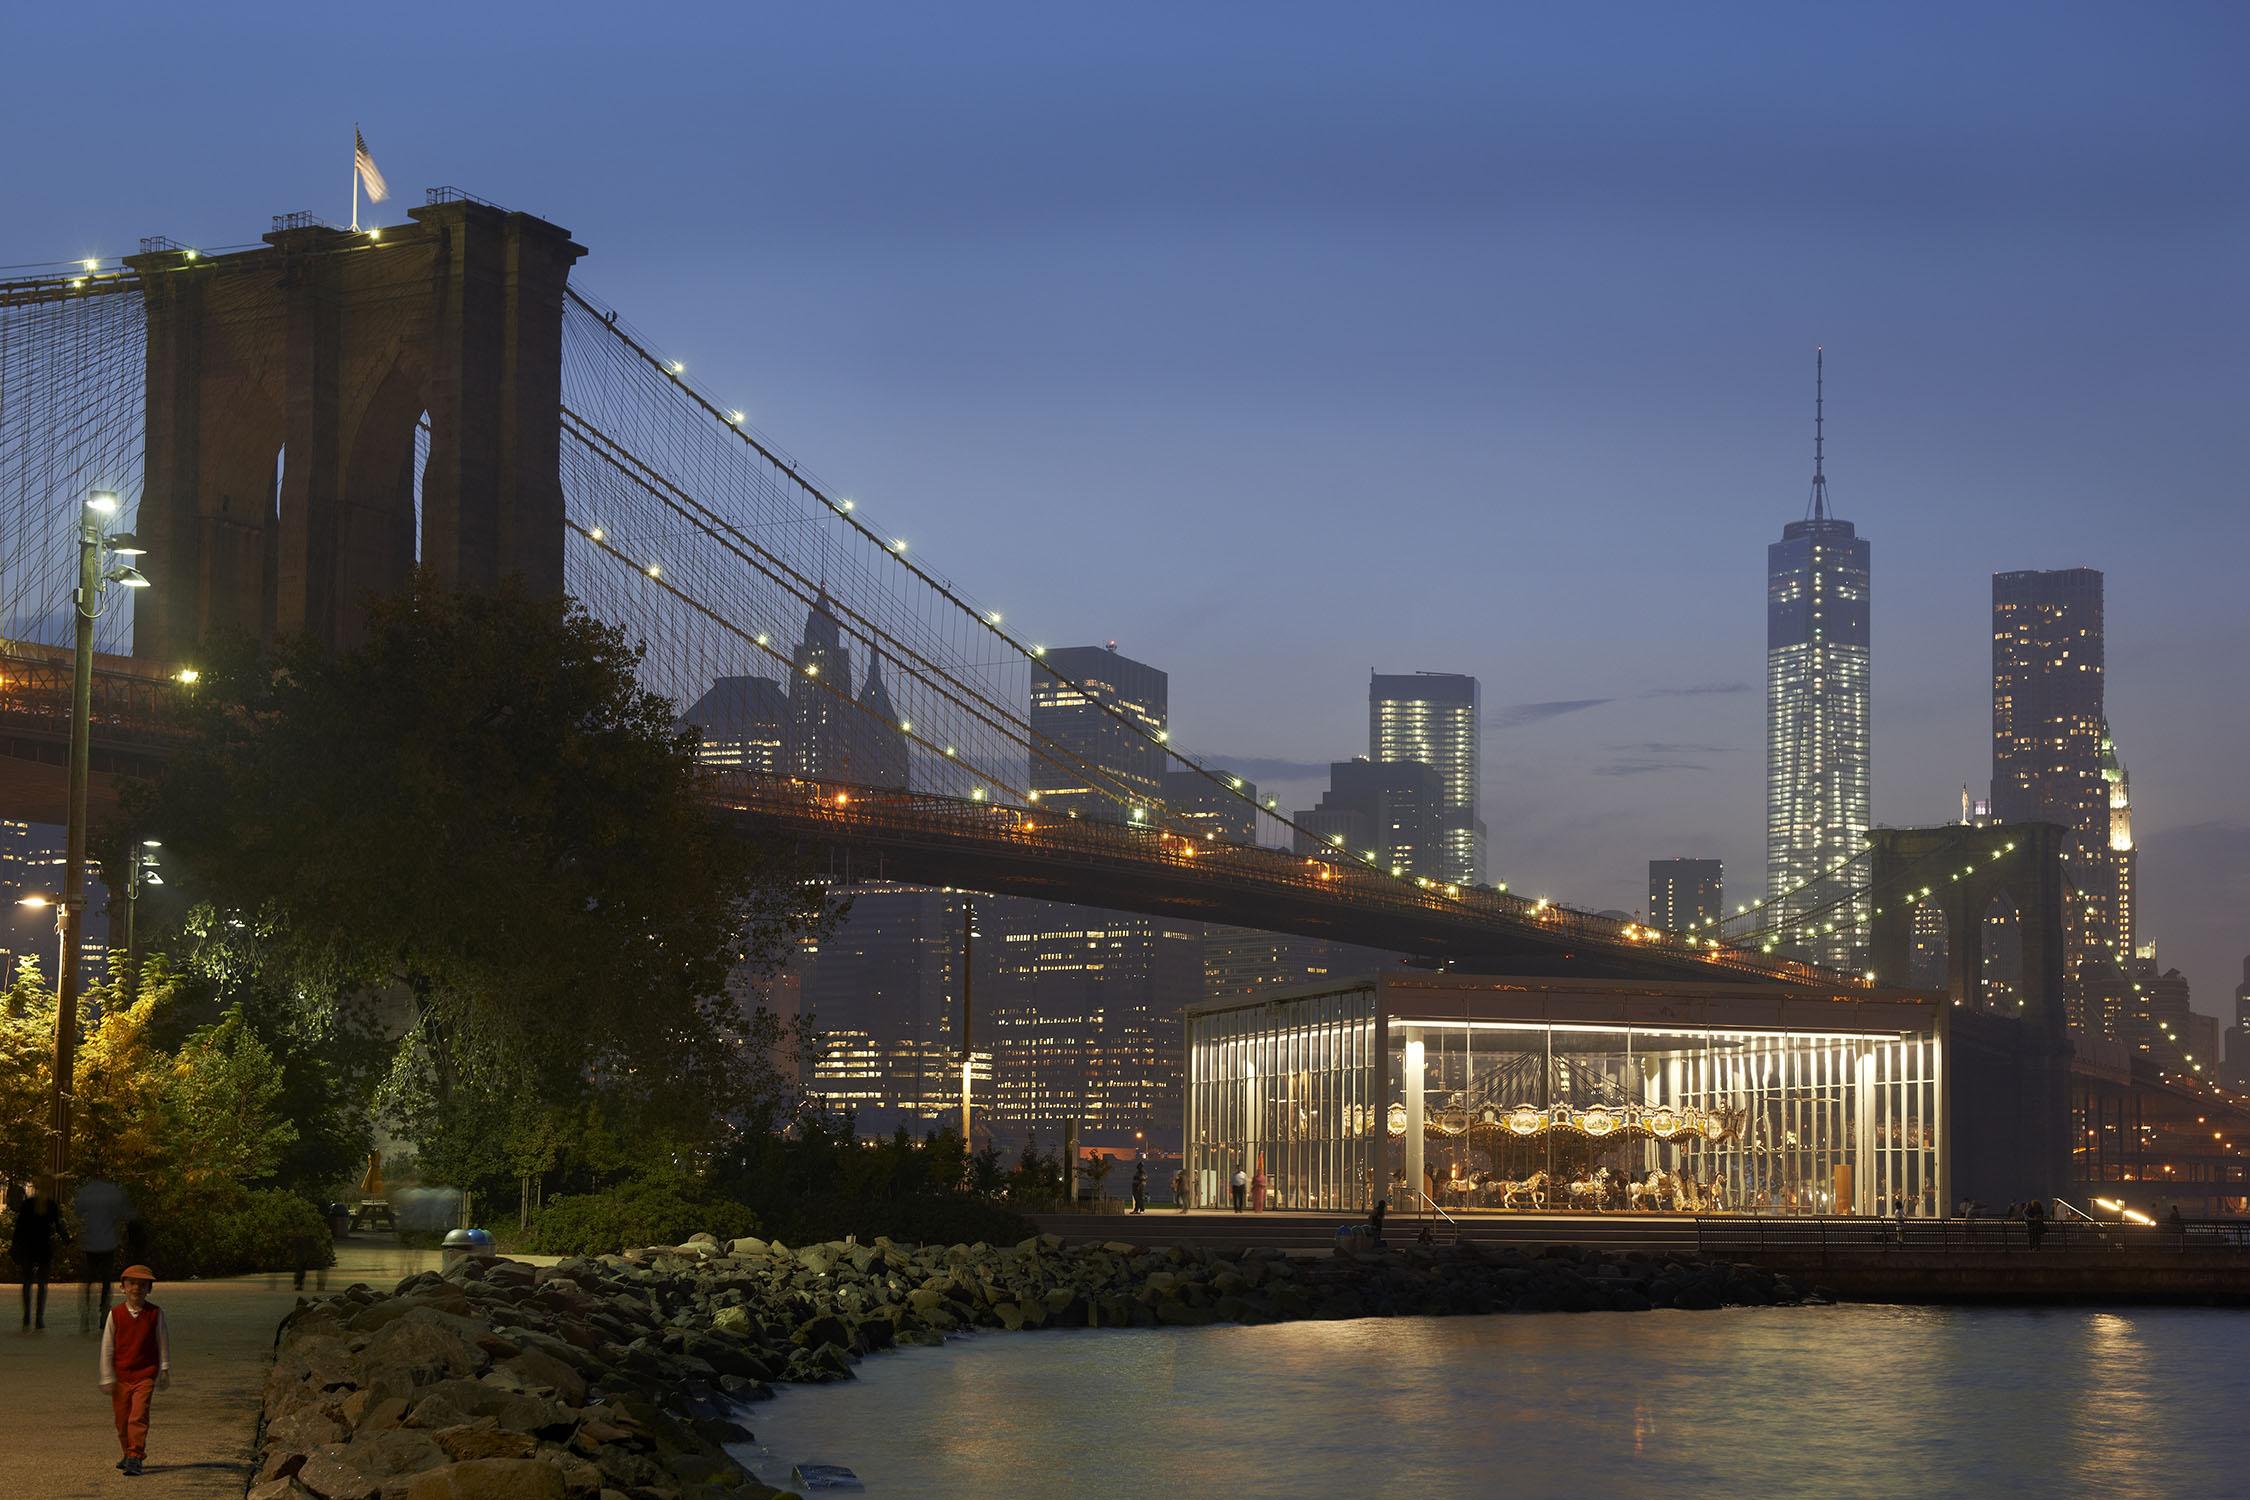 13_Brooklyn_Bridge.jpg